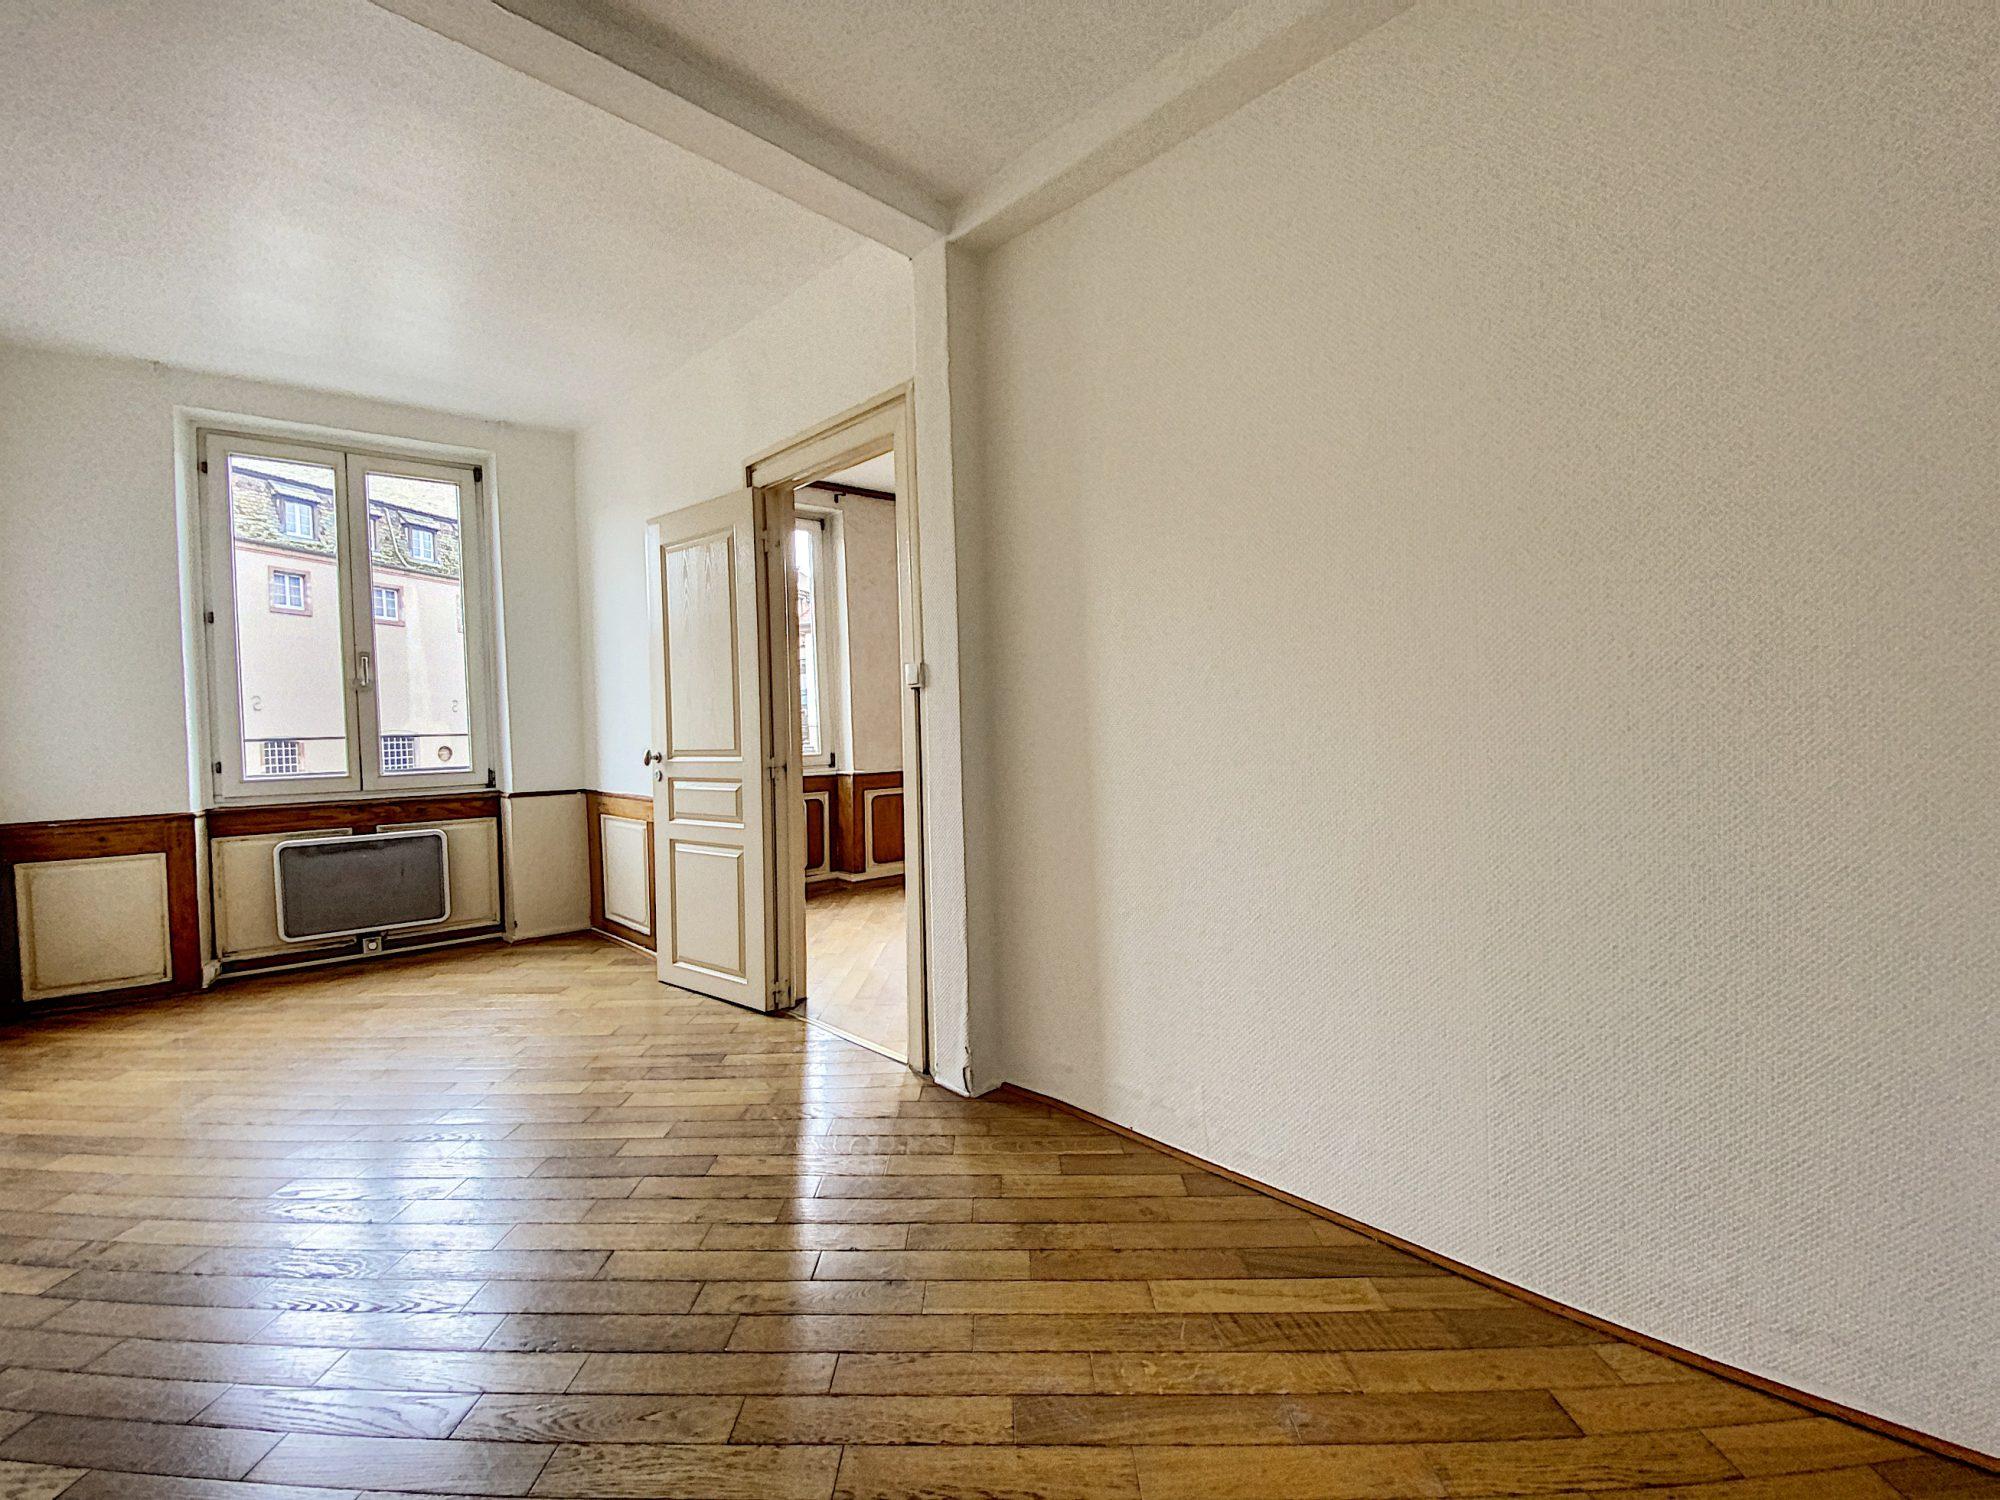 T2 PETITE FRANCE - Devenez locataire en toute sérénité - Bintz Immobilier - 6